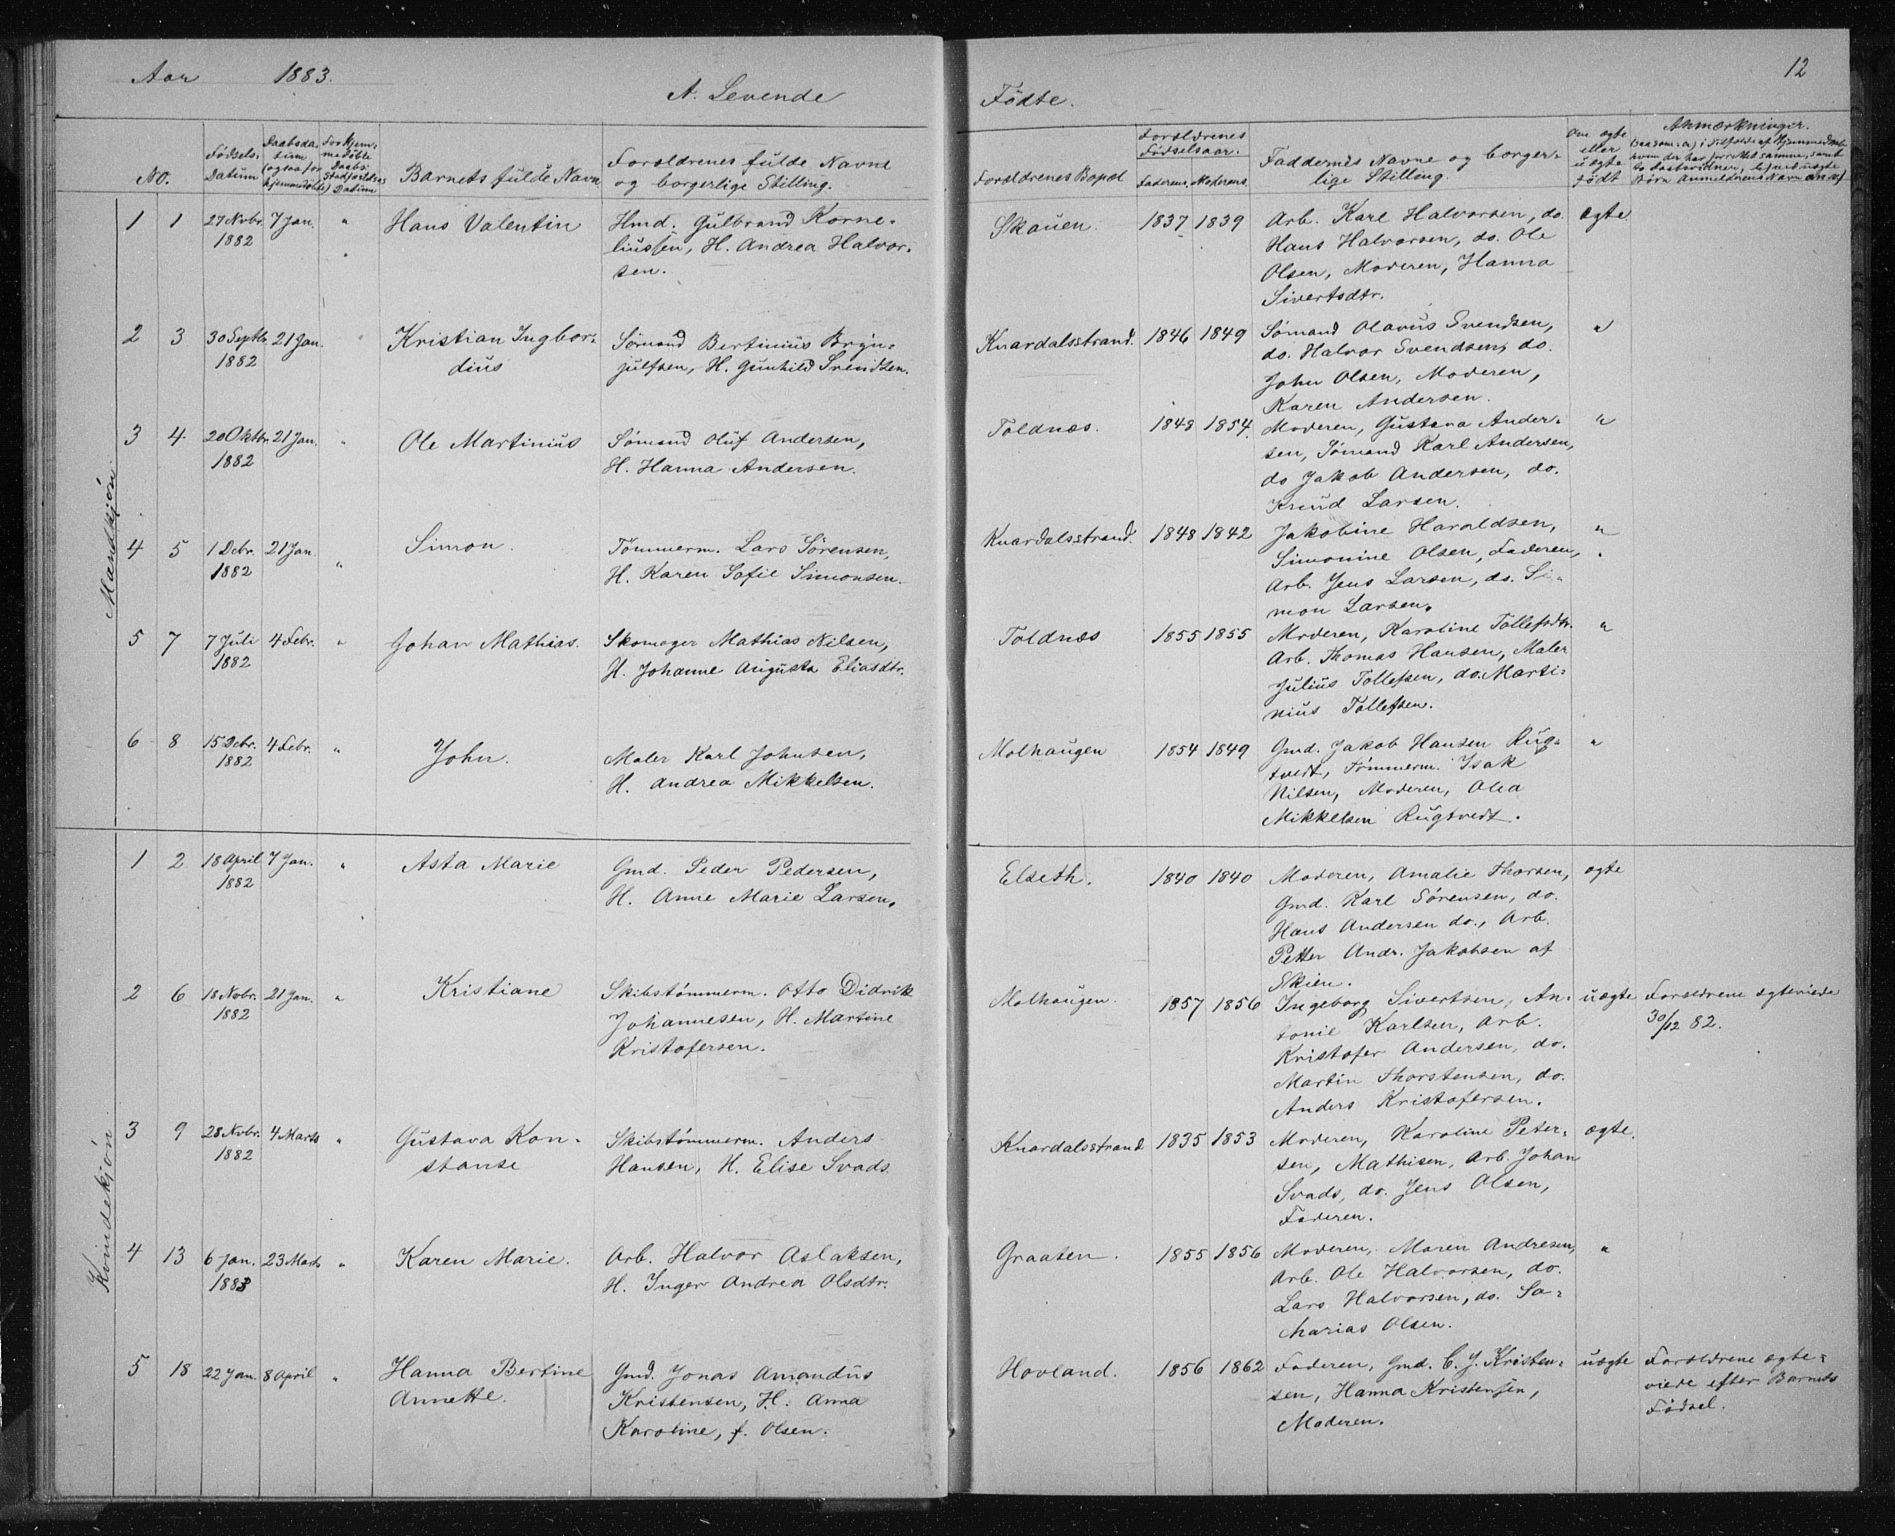 SAKO, Solum kirkebøker, G/Ga/L0006: Klokkerbok nr. I 6, 1882-1883, s. 12